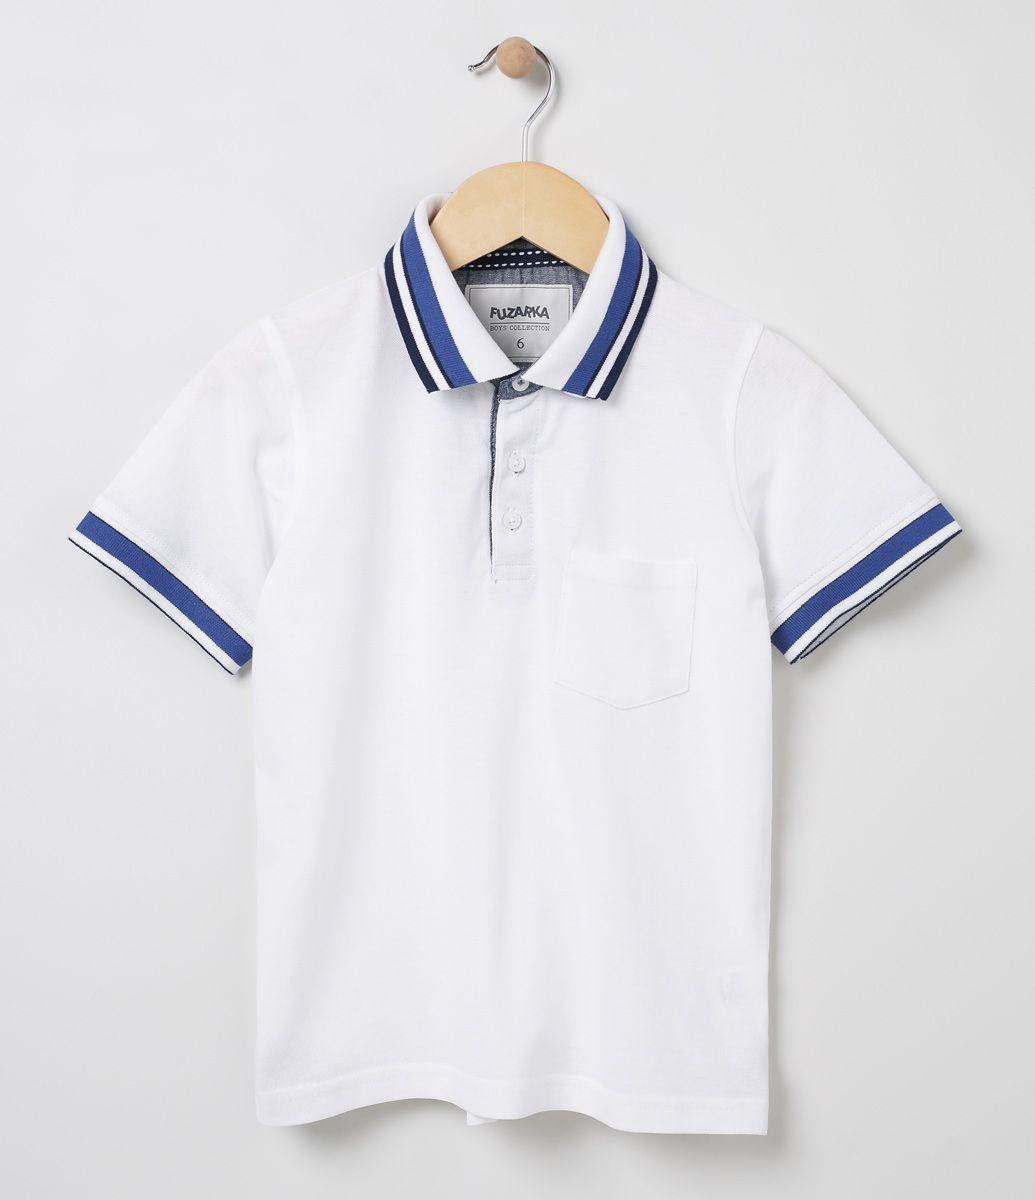 Camiseta infantil Manga curta Polo Marca  Fuzarka Tecido  piquet  Composição  100% algodão 81b14965223